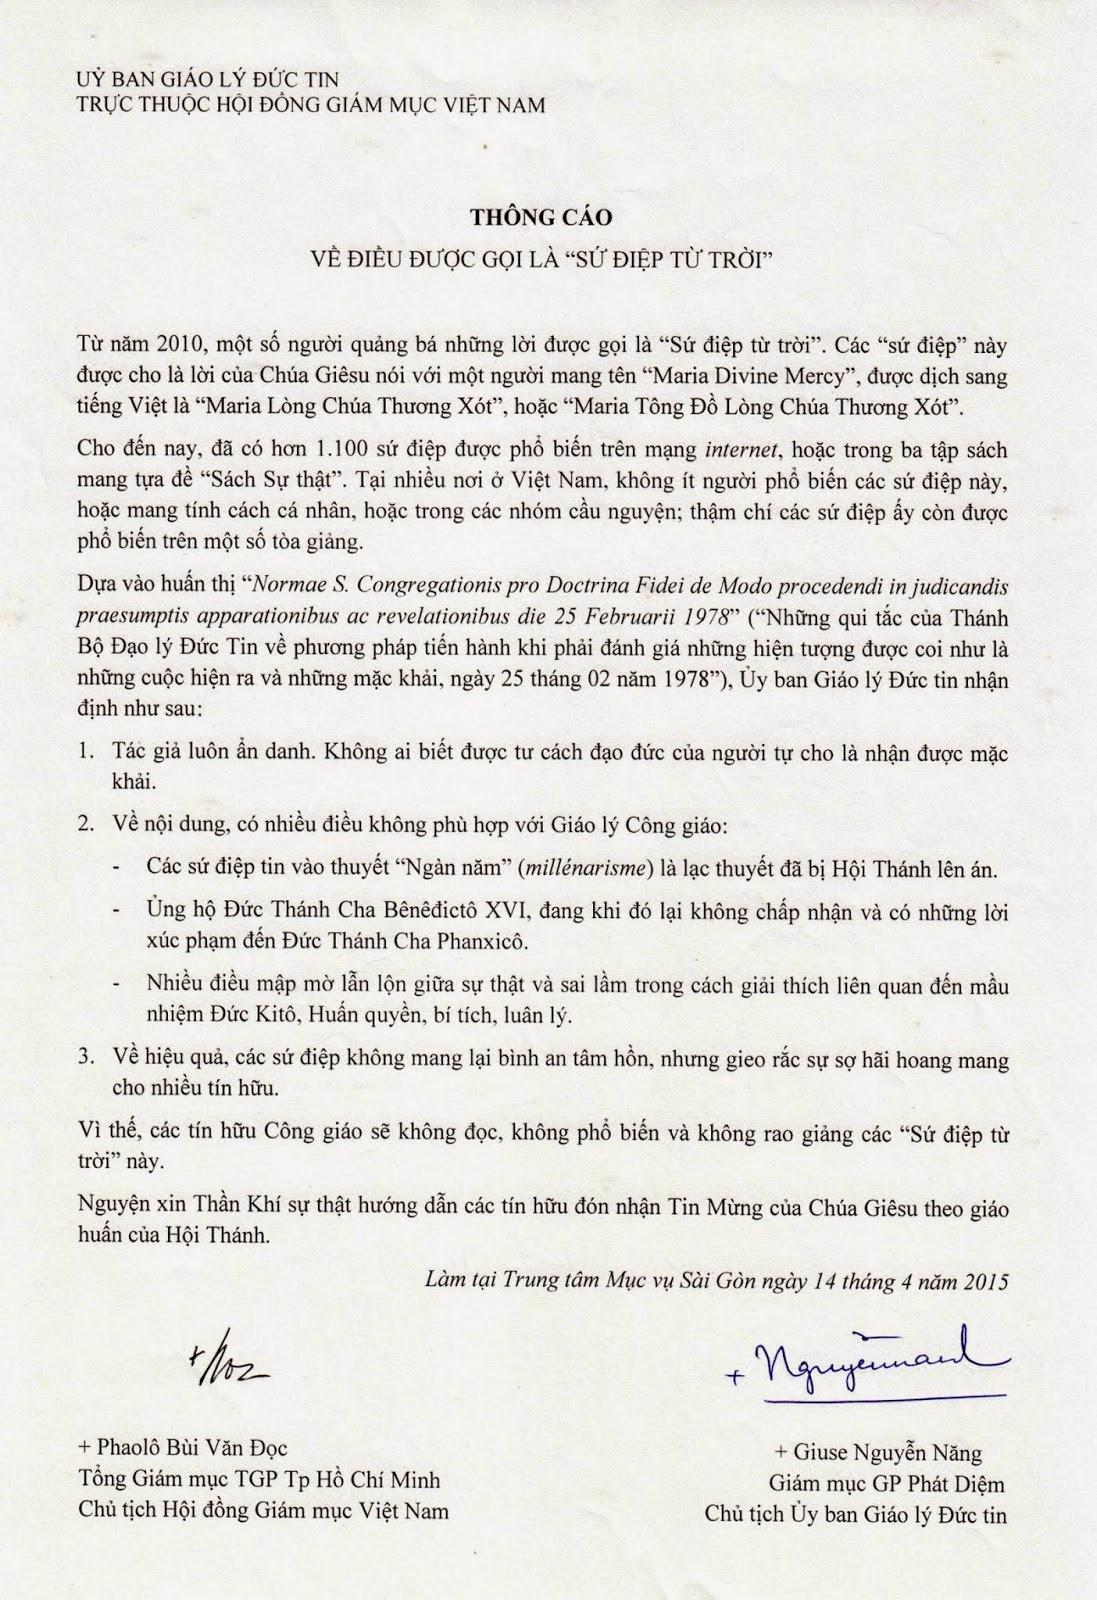 Cảnh báo lạc giáo: Sứ Điệp Từ Trời ở Việt Nam - Ảnh minh hoạ 2